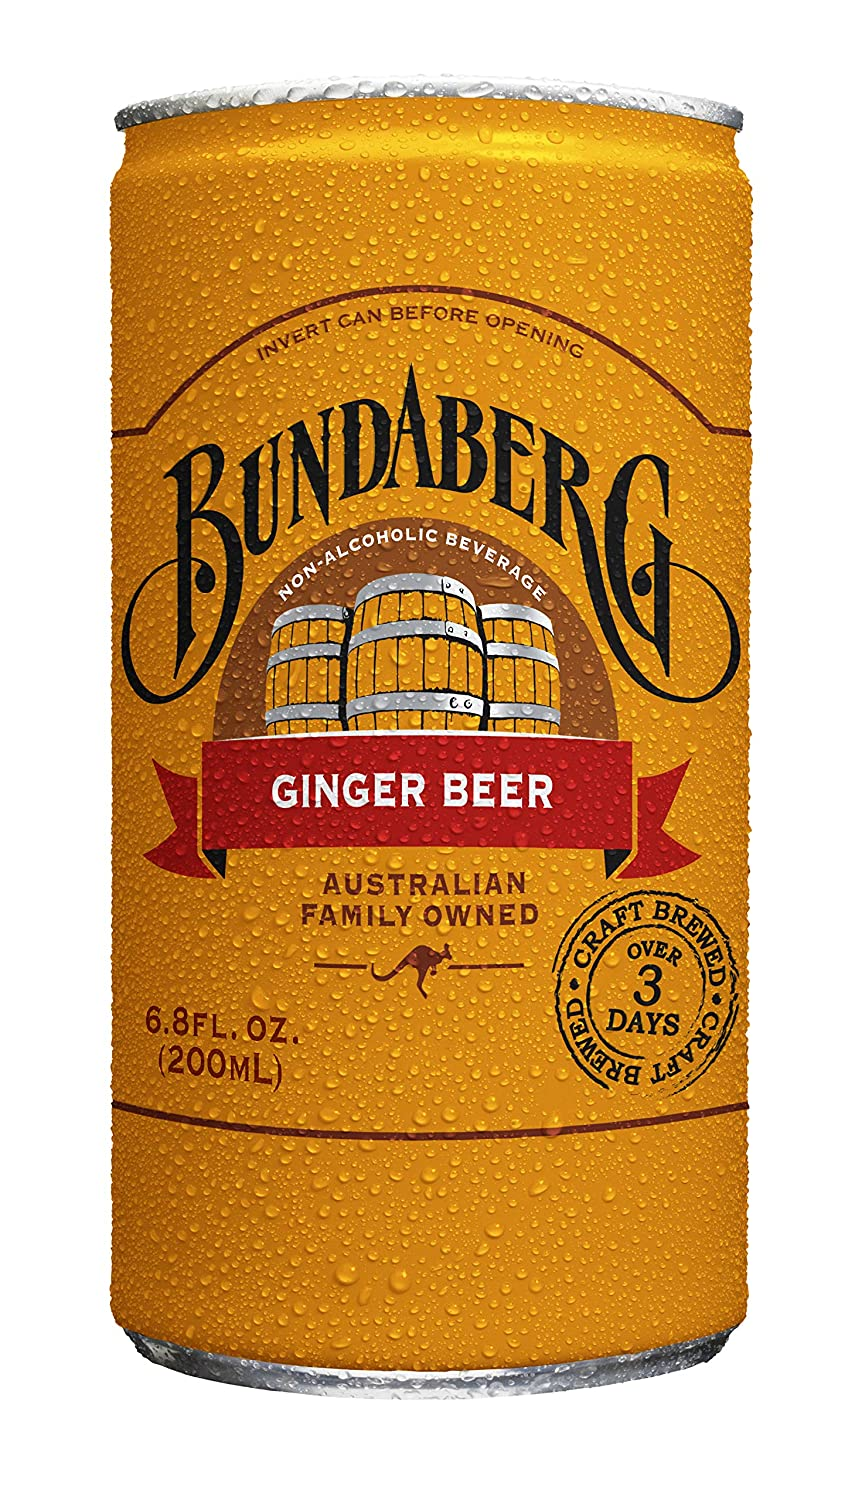 Bundaberg Ginger Beer, 6.8 fl oz Cans, (24 Pack)